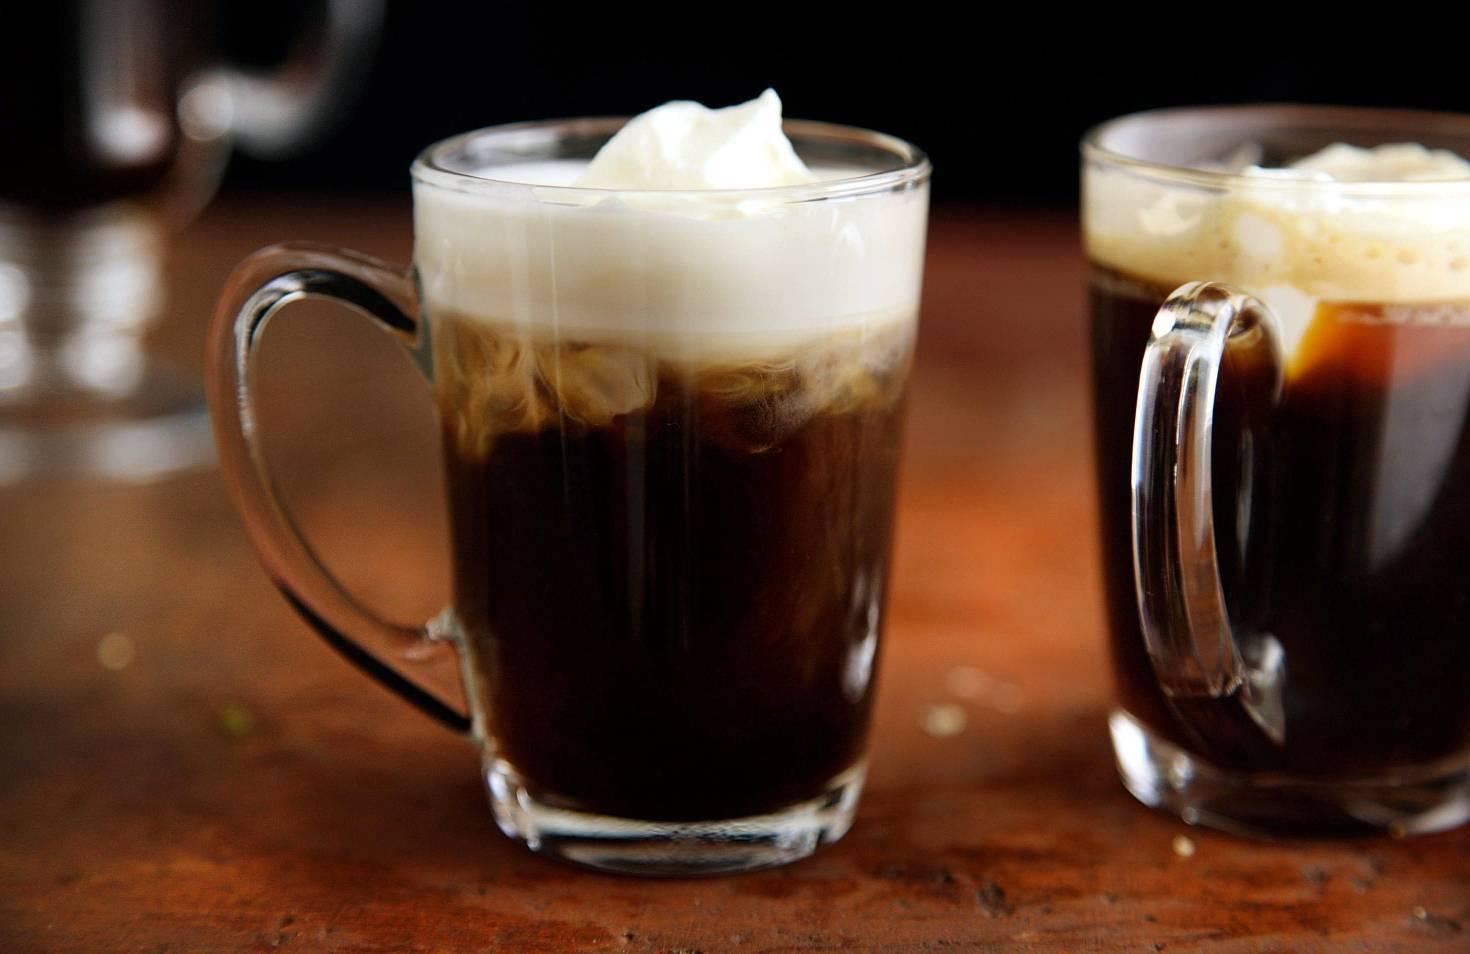 Медленно на взлёт. настойка кофе на водке, спирту и самогоне.